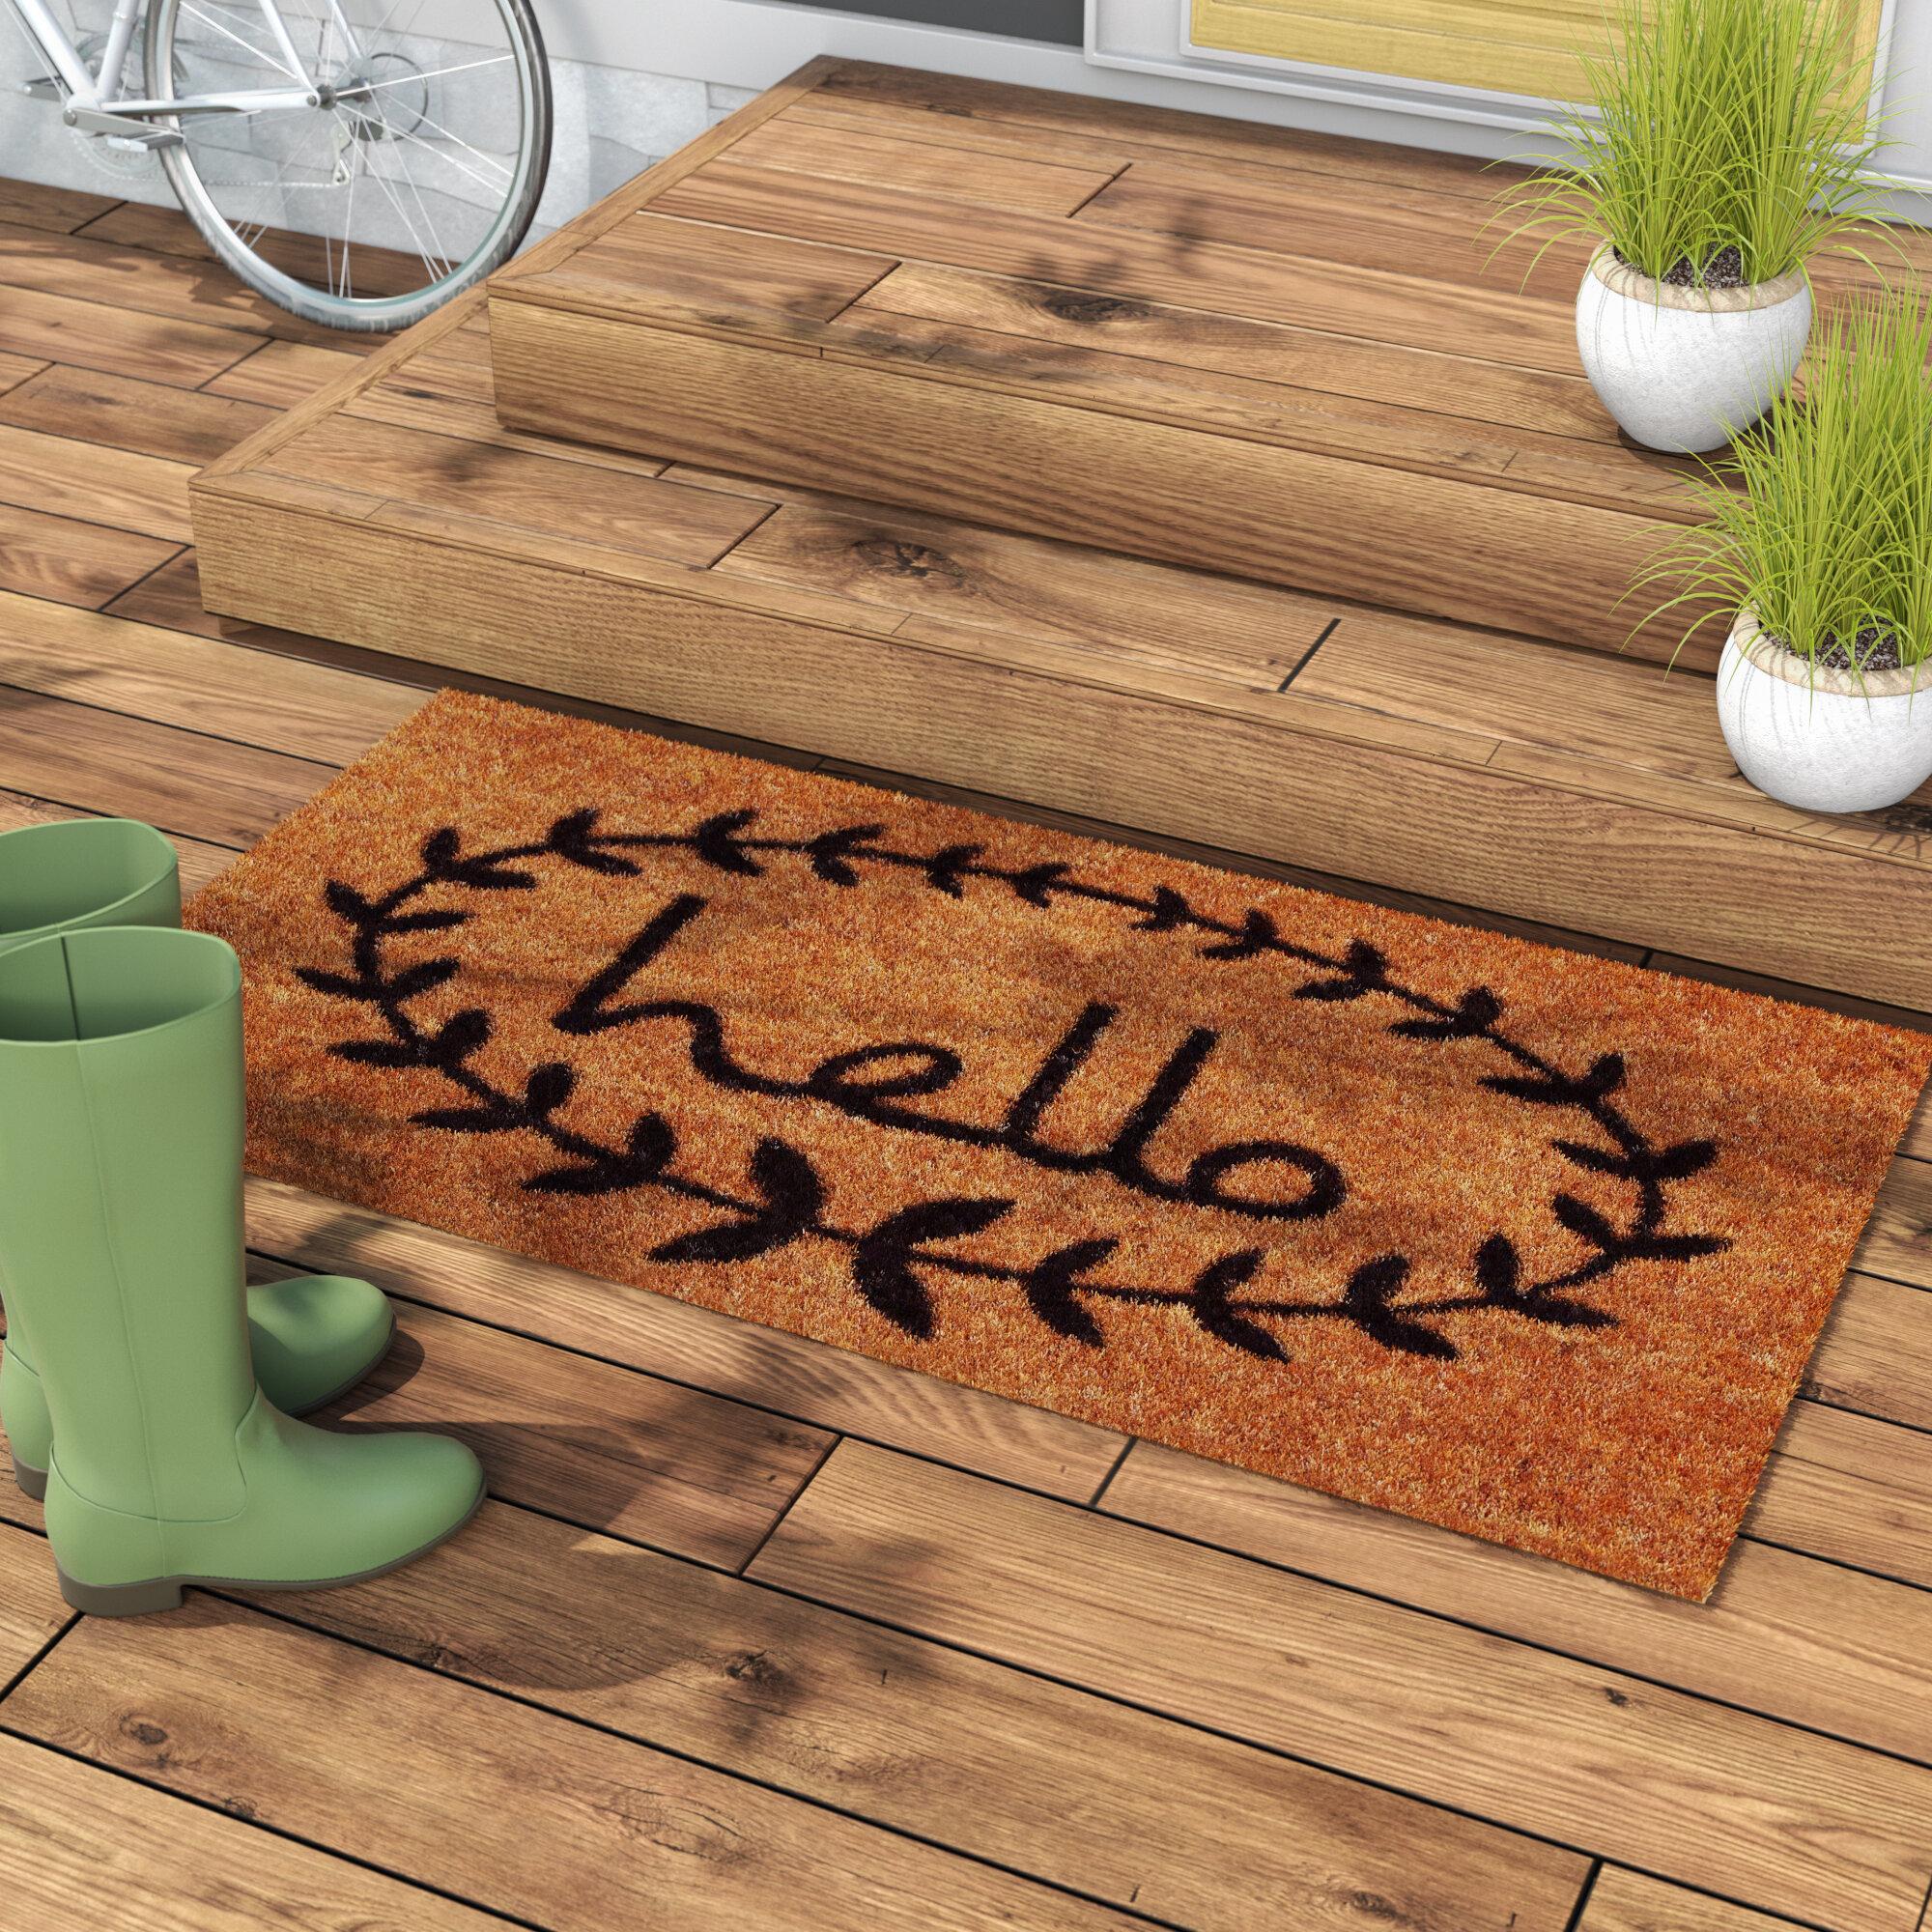 monogram cool front doormats door floor terrific welcome rug best halloween kitchen mat rugs doormat area mats decoration runner outdoor cute